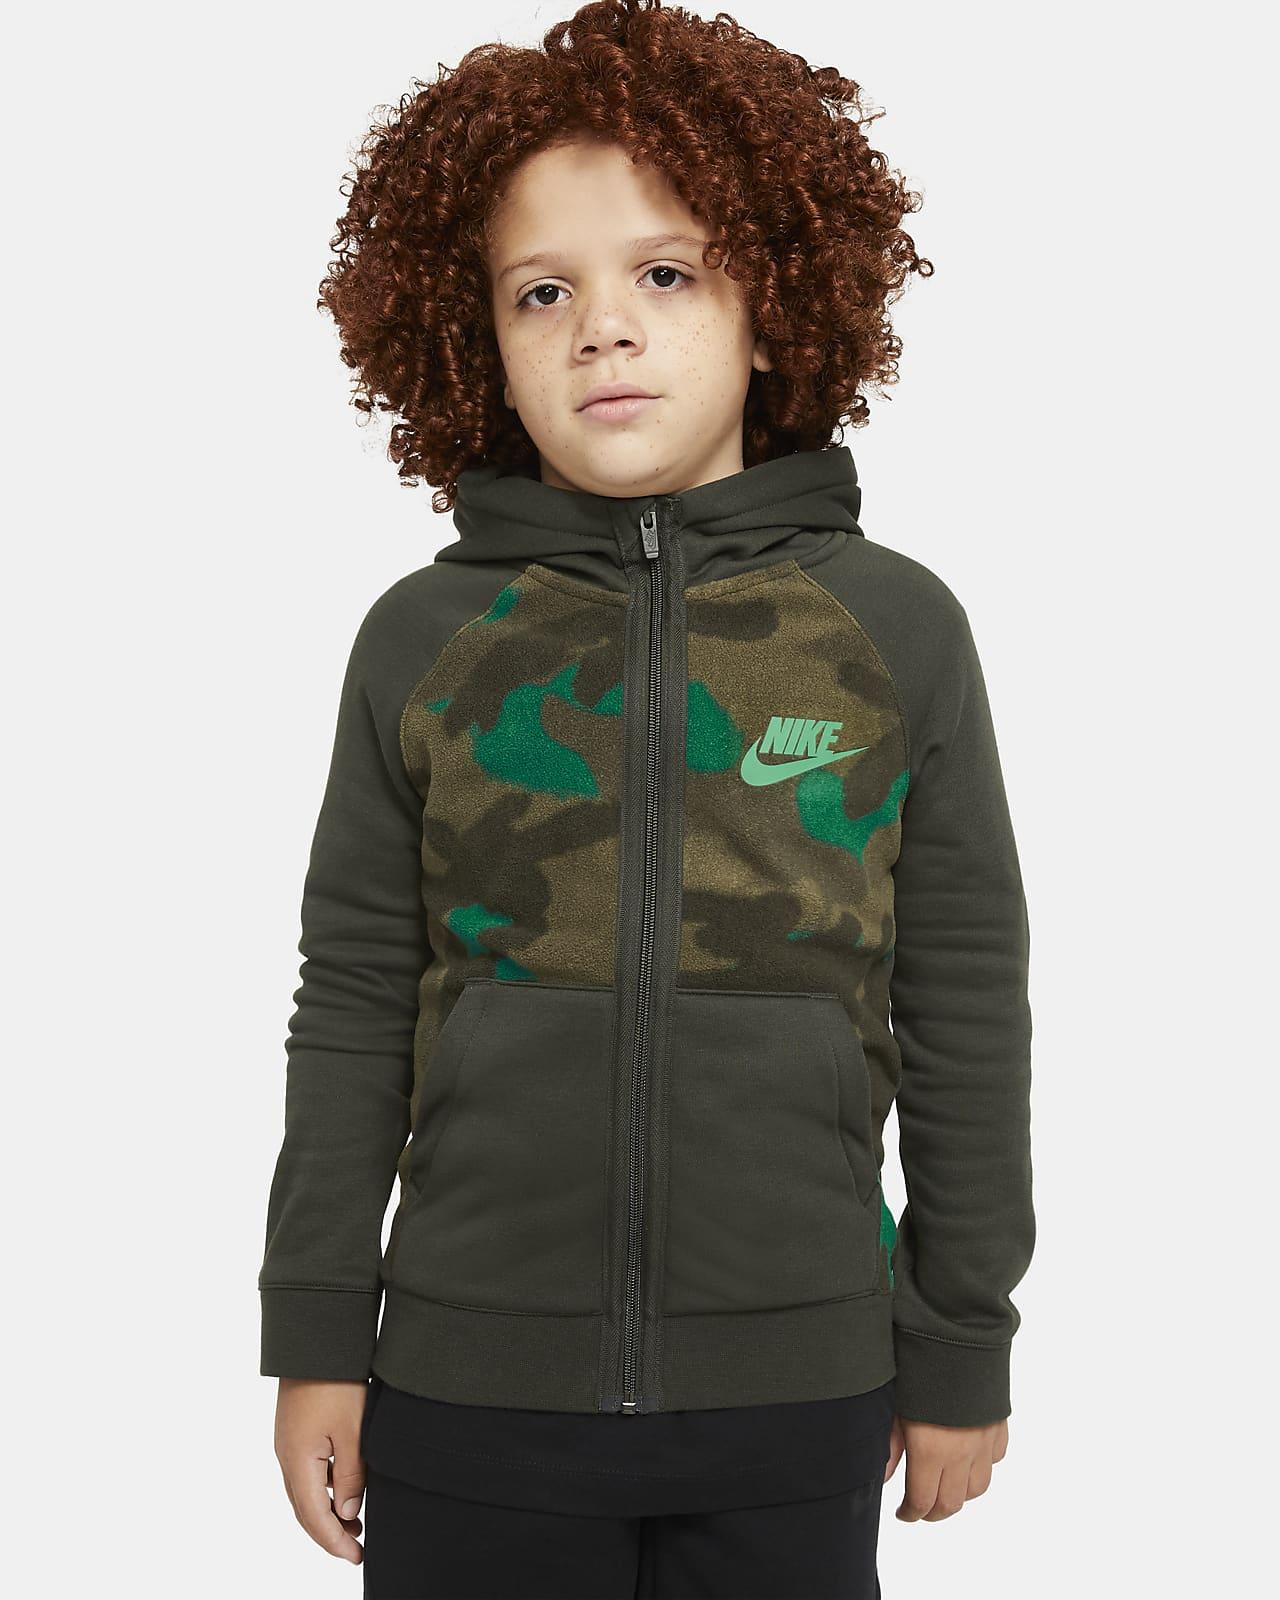 Nike Sportswear Club Fleece 大童(男孩)全长拉链开襟连帽衫